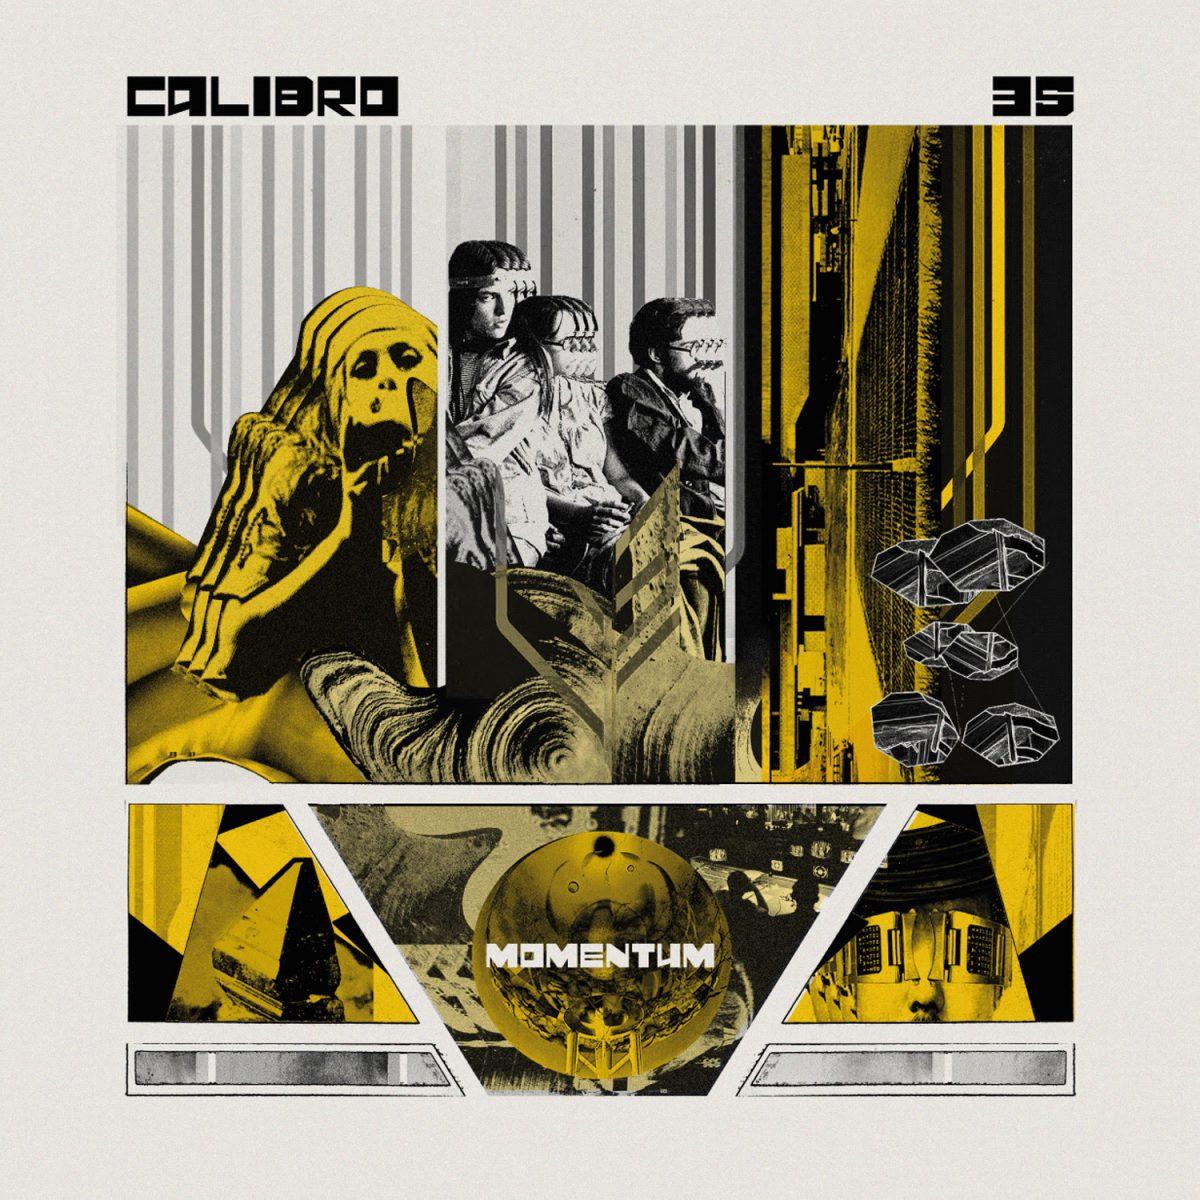 Momentum - Calibro 35